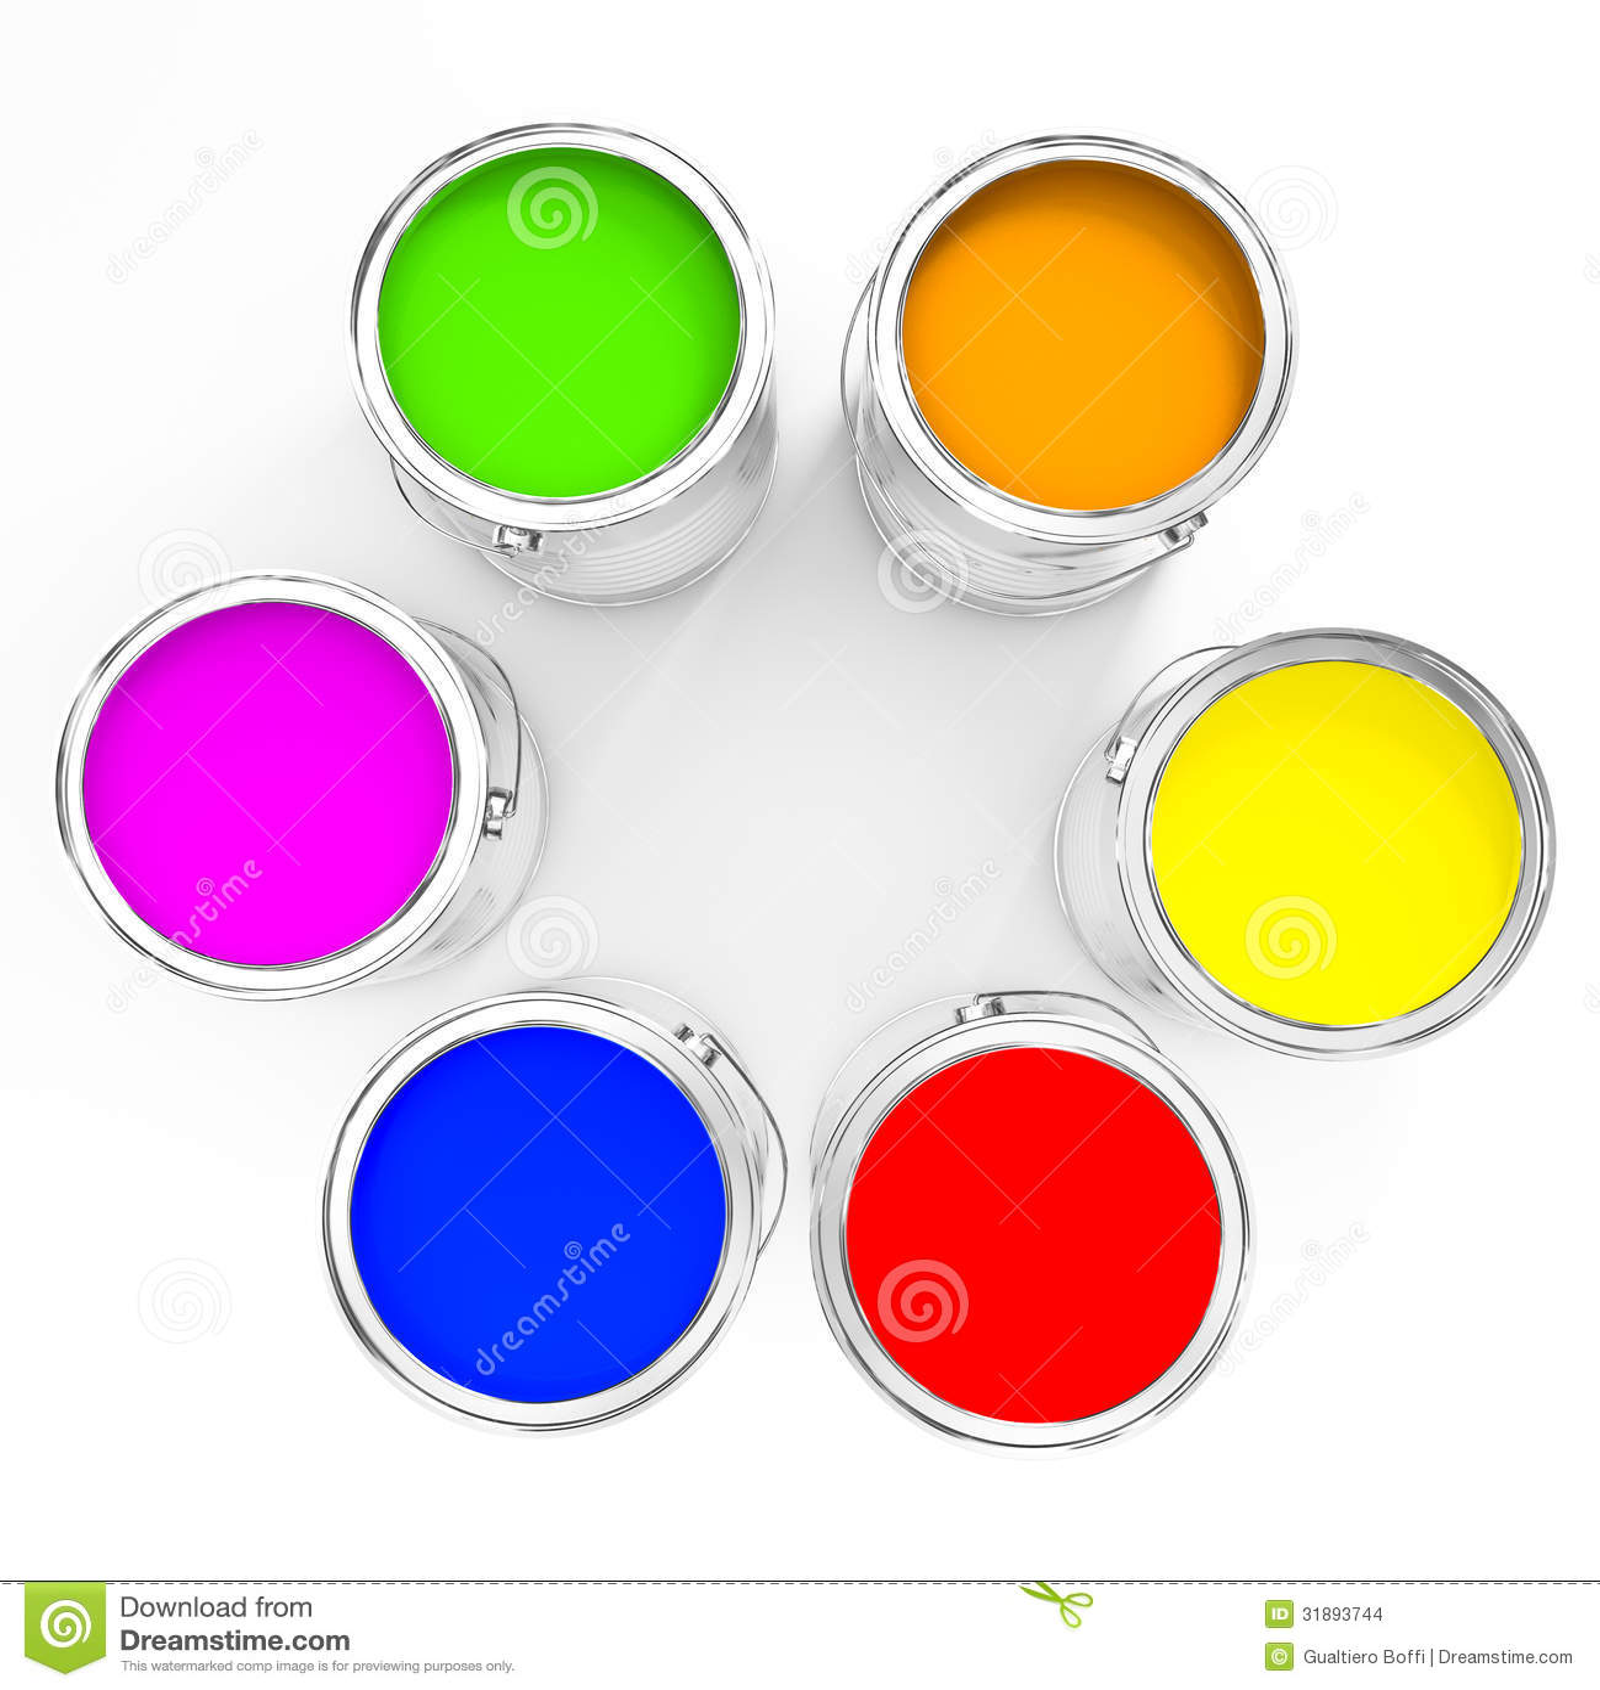 Fondo de la pintura del color imagenes de archivo imagen for Colores de pintura